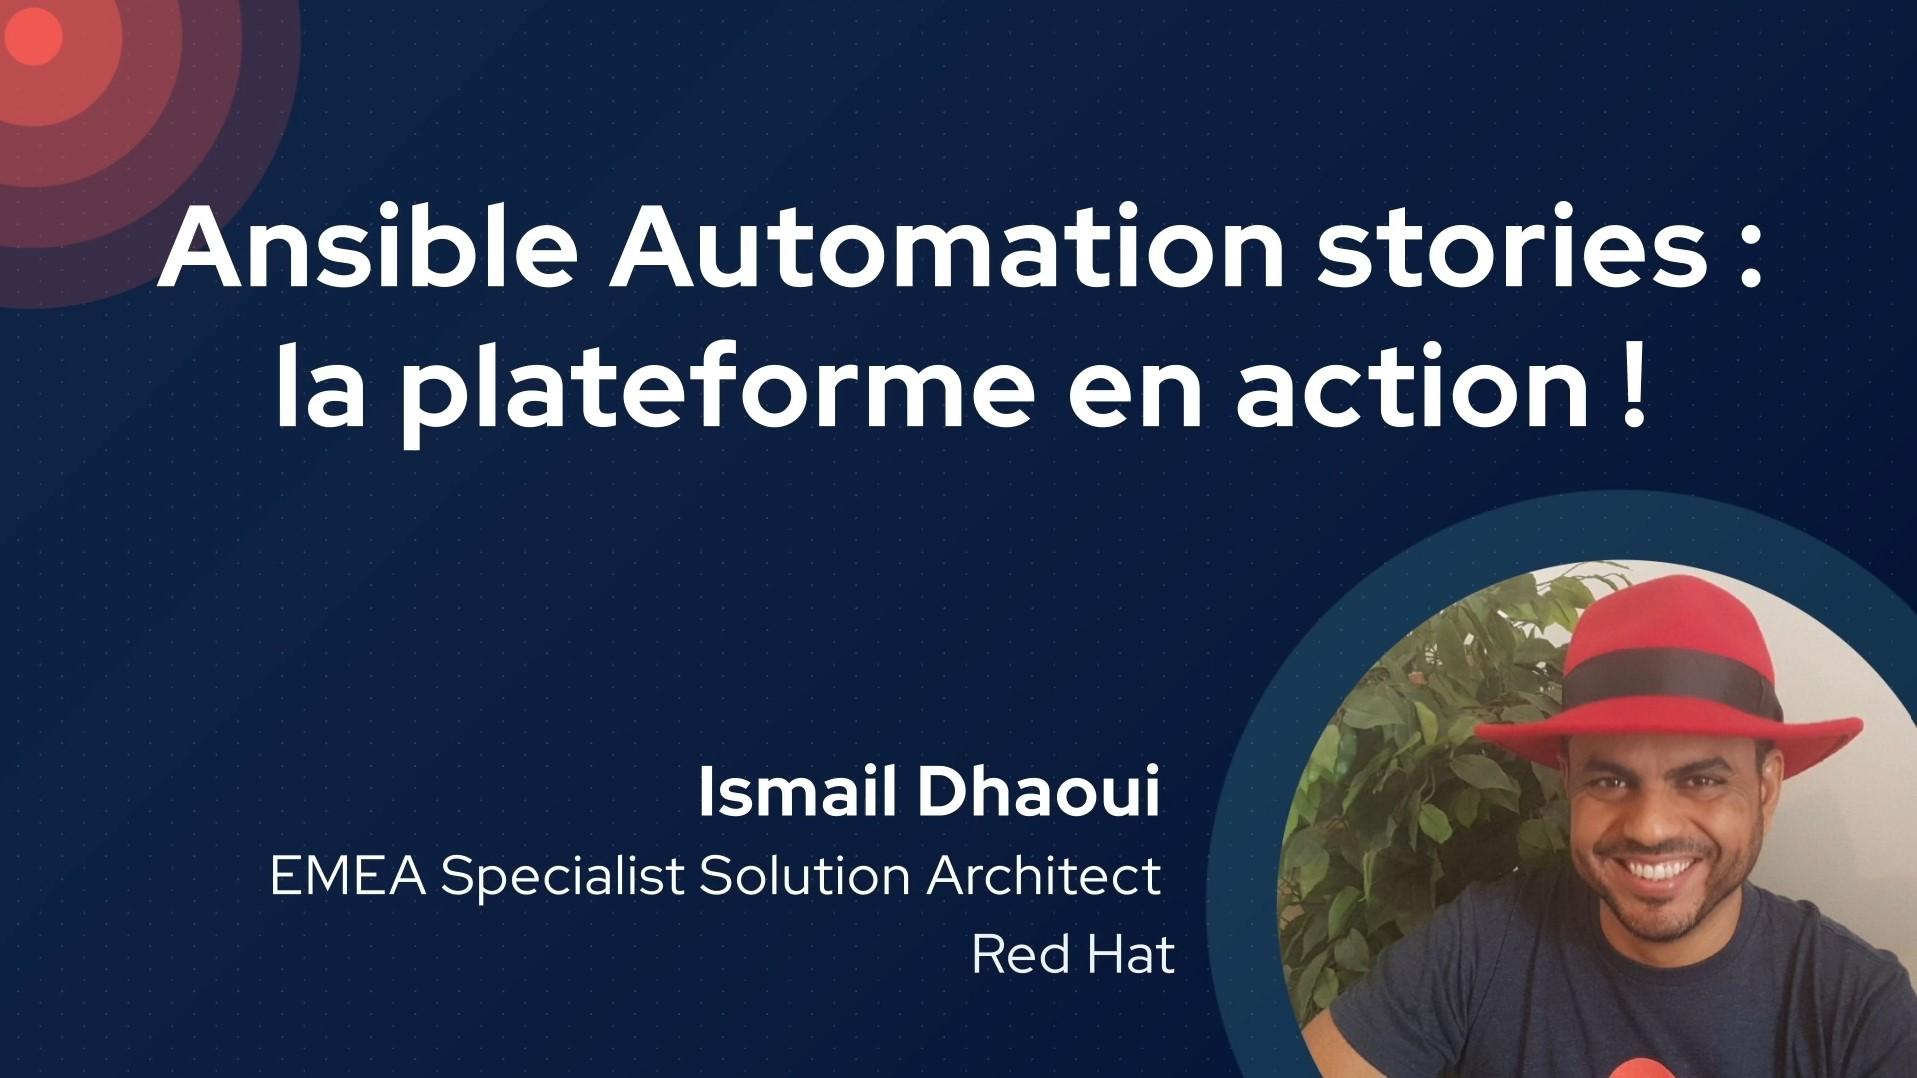 Ansible Automation stories : la plateforme en action!